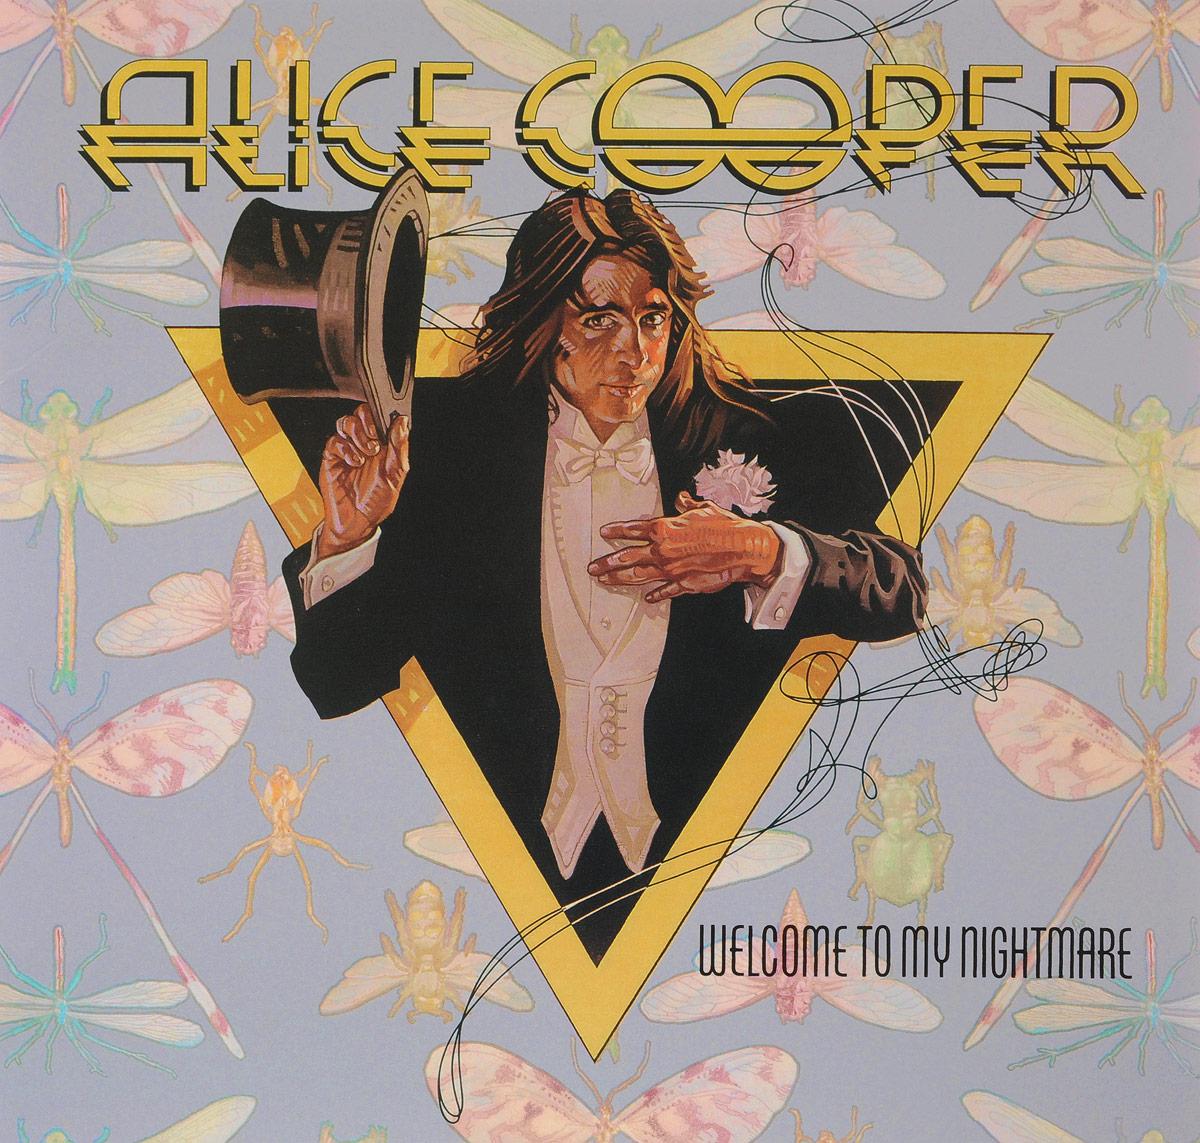 Элис Купер Alice Cooper. Welcome To My Nightmare (LP) элис купер alice cooper trash